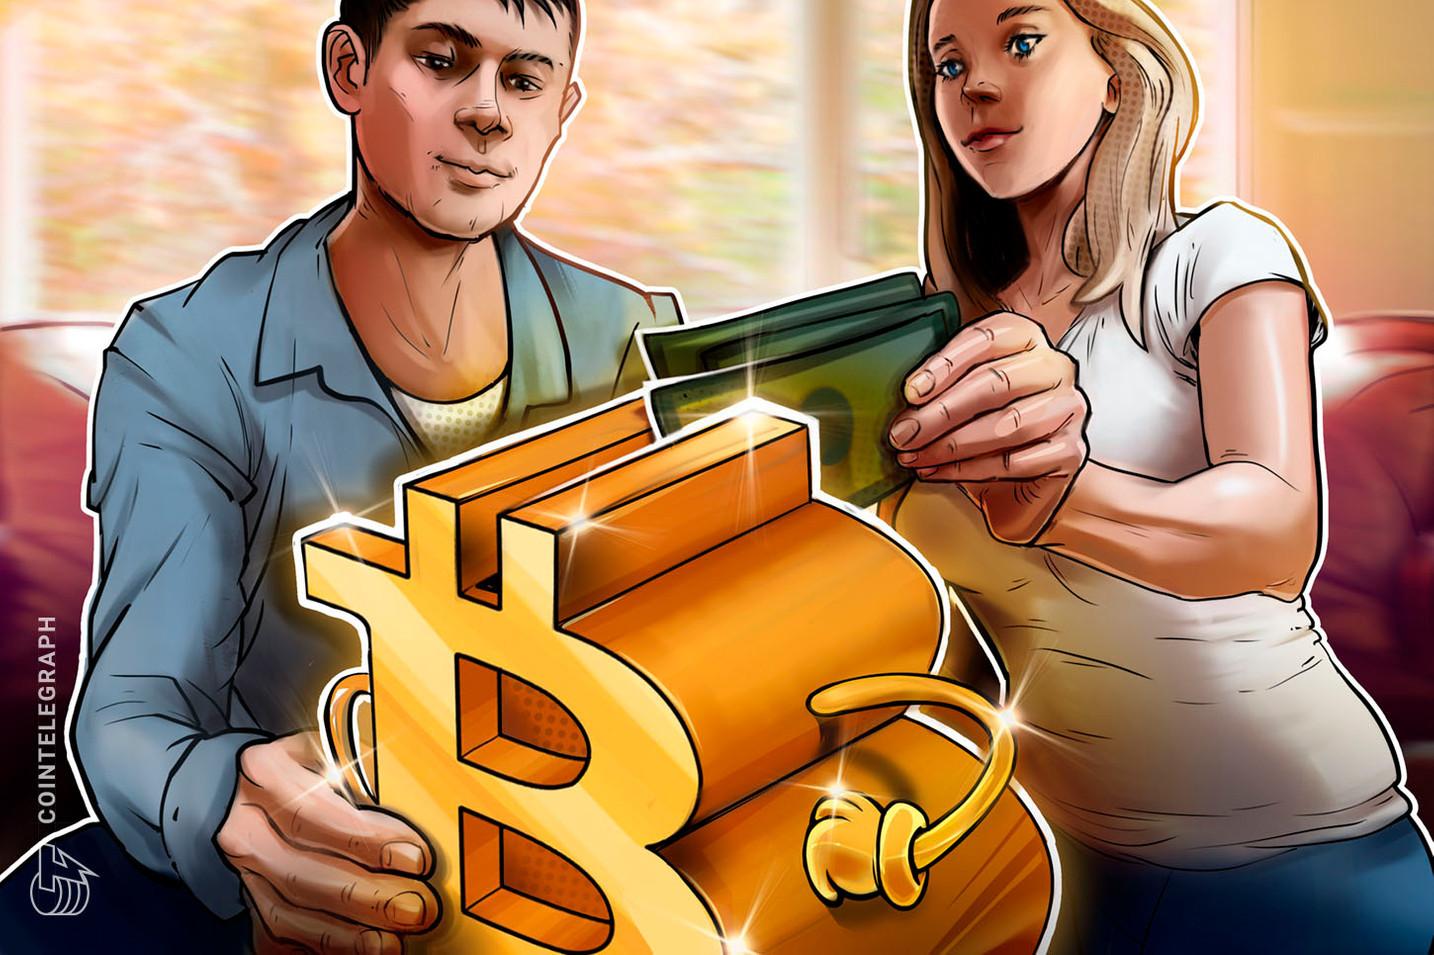 Las inversiones institucionales en Bitcoin fueron presentadas en el Blockchain Summit Latam 2020